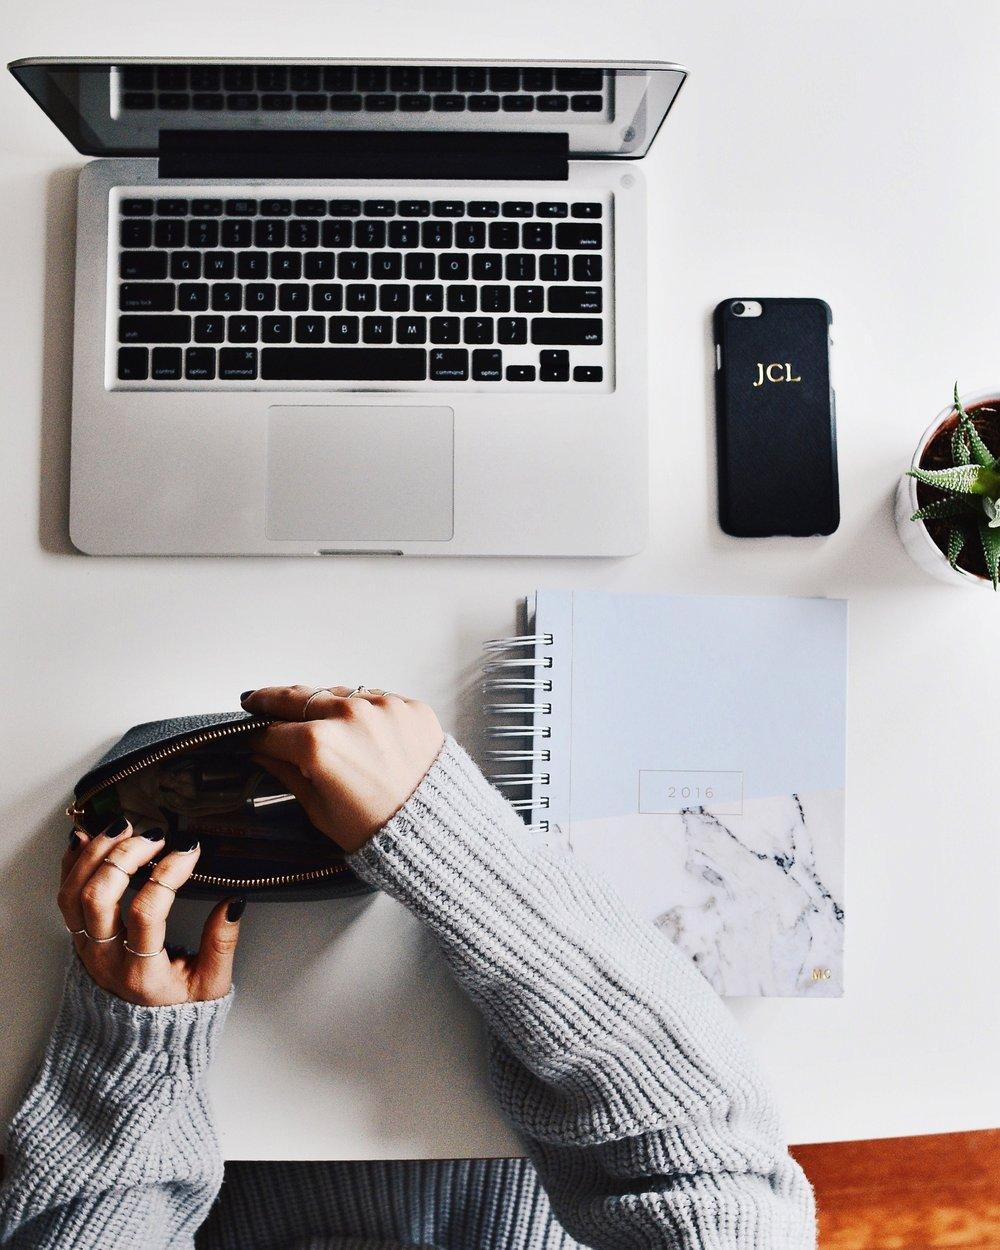 Leer alles over SEO en schrijven voor het web - Je blog en website zijn belangrijke en boeiende manieren om mensen te bereiken, dat weet je. Maar misschien lukt het schrijven niet altijd even goed, weet je niet wat je écht wilt vertellen of hoe je structuur brengt. Misschien zijn de teksten op je website gedateerd of missen ze pit, maar hoe begin je hieraan?In deze workshop leer je via tips en oefeningen tijdens de workshop hoe je een goede headline, blogpost en teksten voor je website schrijft. We geven je zelfs enkele tips mee om je website beter te laten scoren in de zoekresultaten van Google.Er is geen specifieke voorkennis vereist.